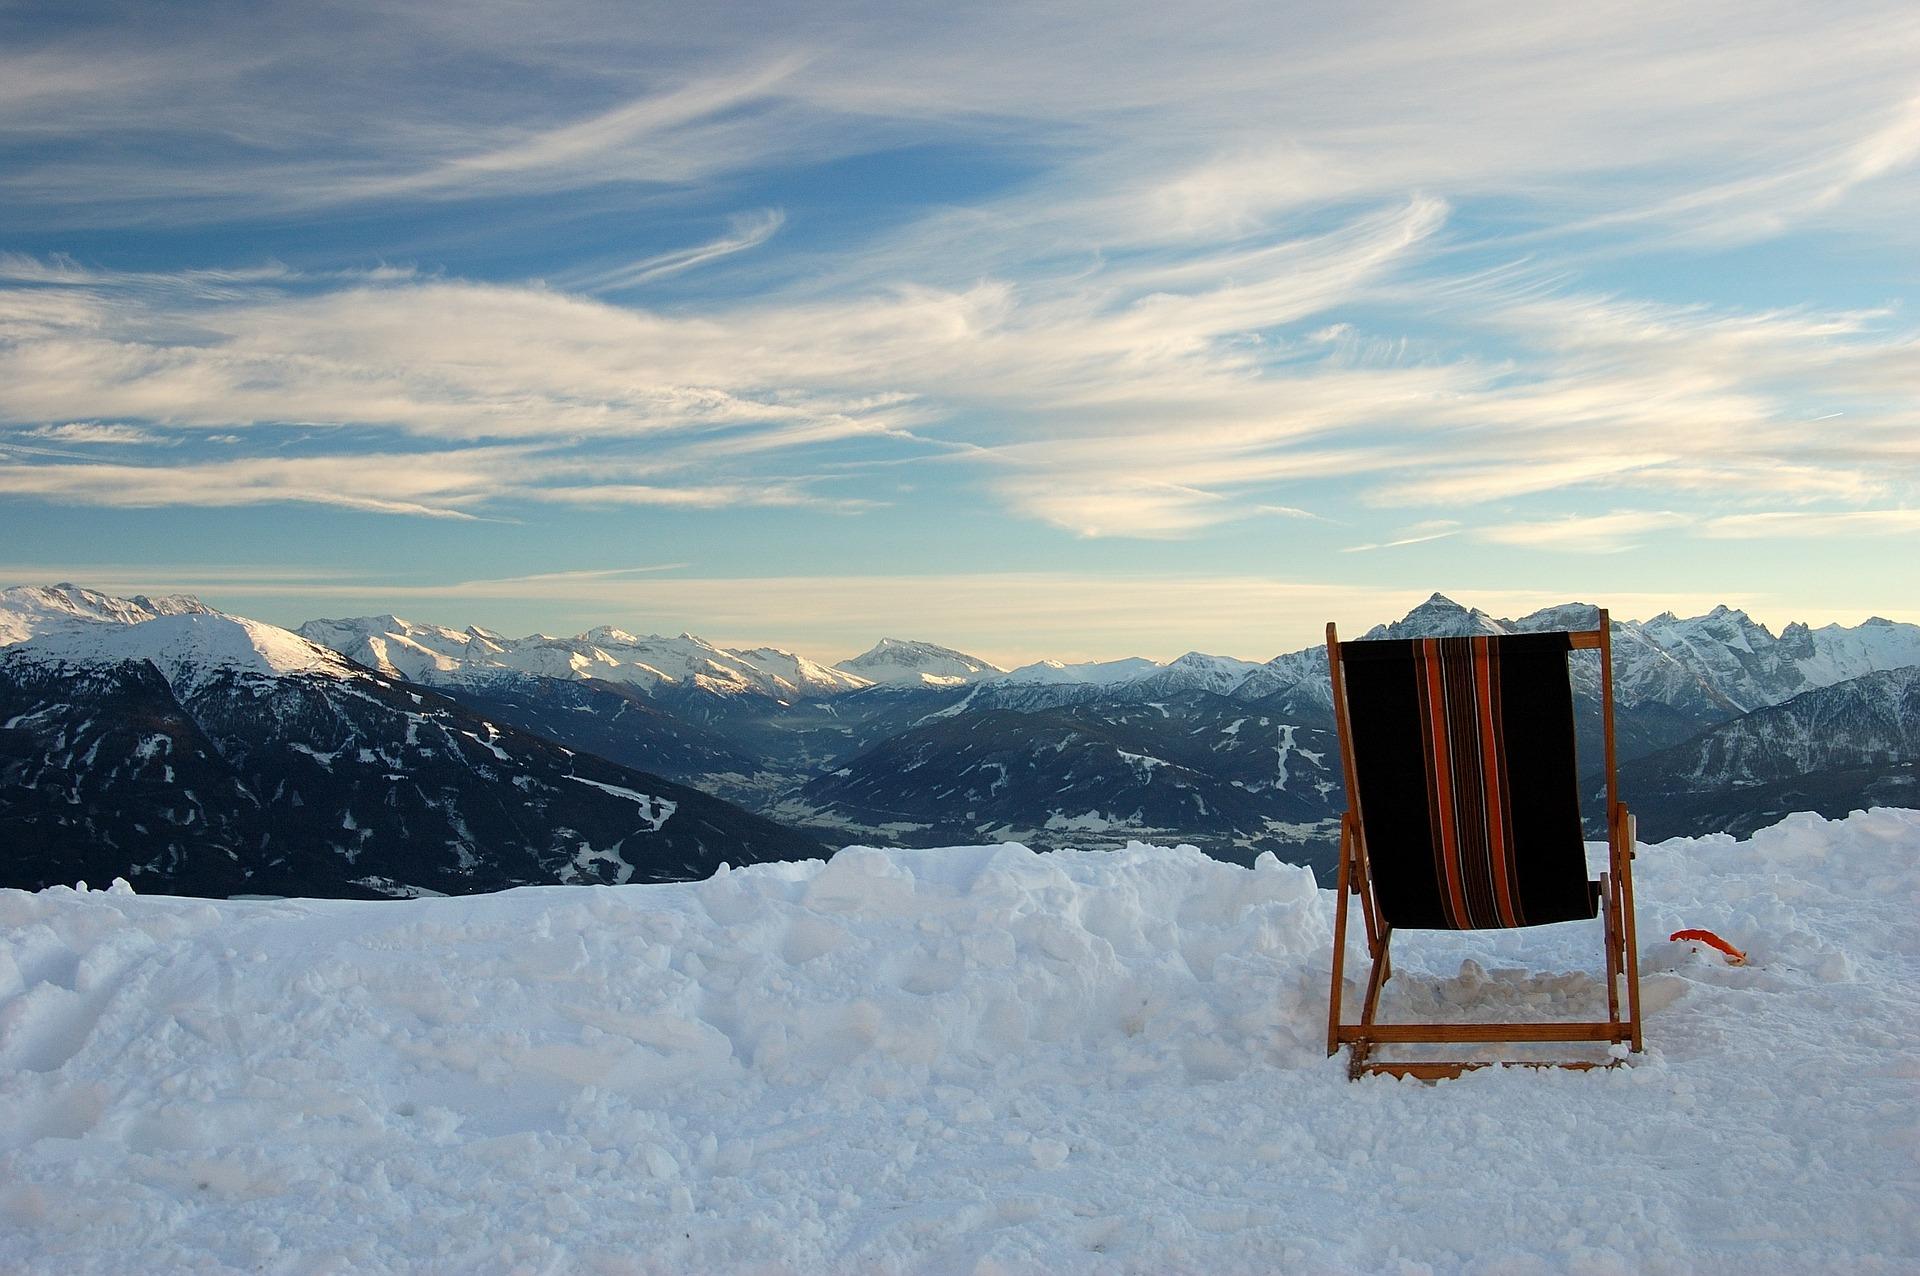 Unterkunft in Niederau ab 89,00€ statt 212,00€ - Hotel Wildschönau Tirol